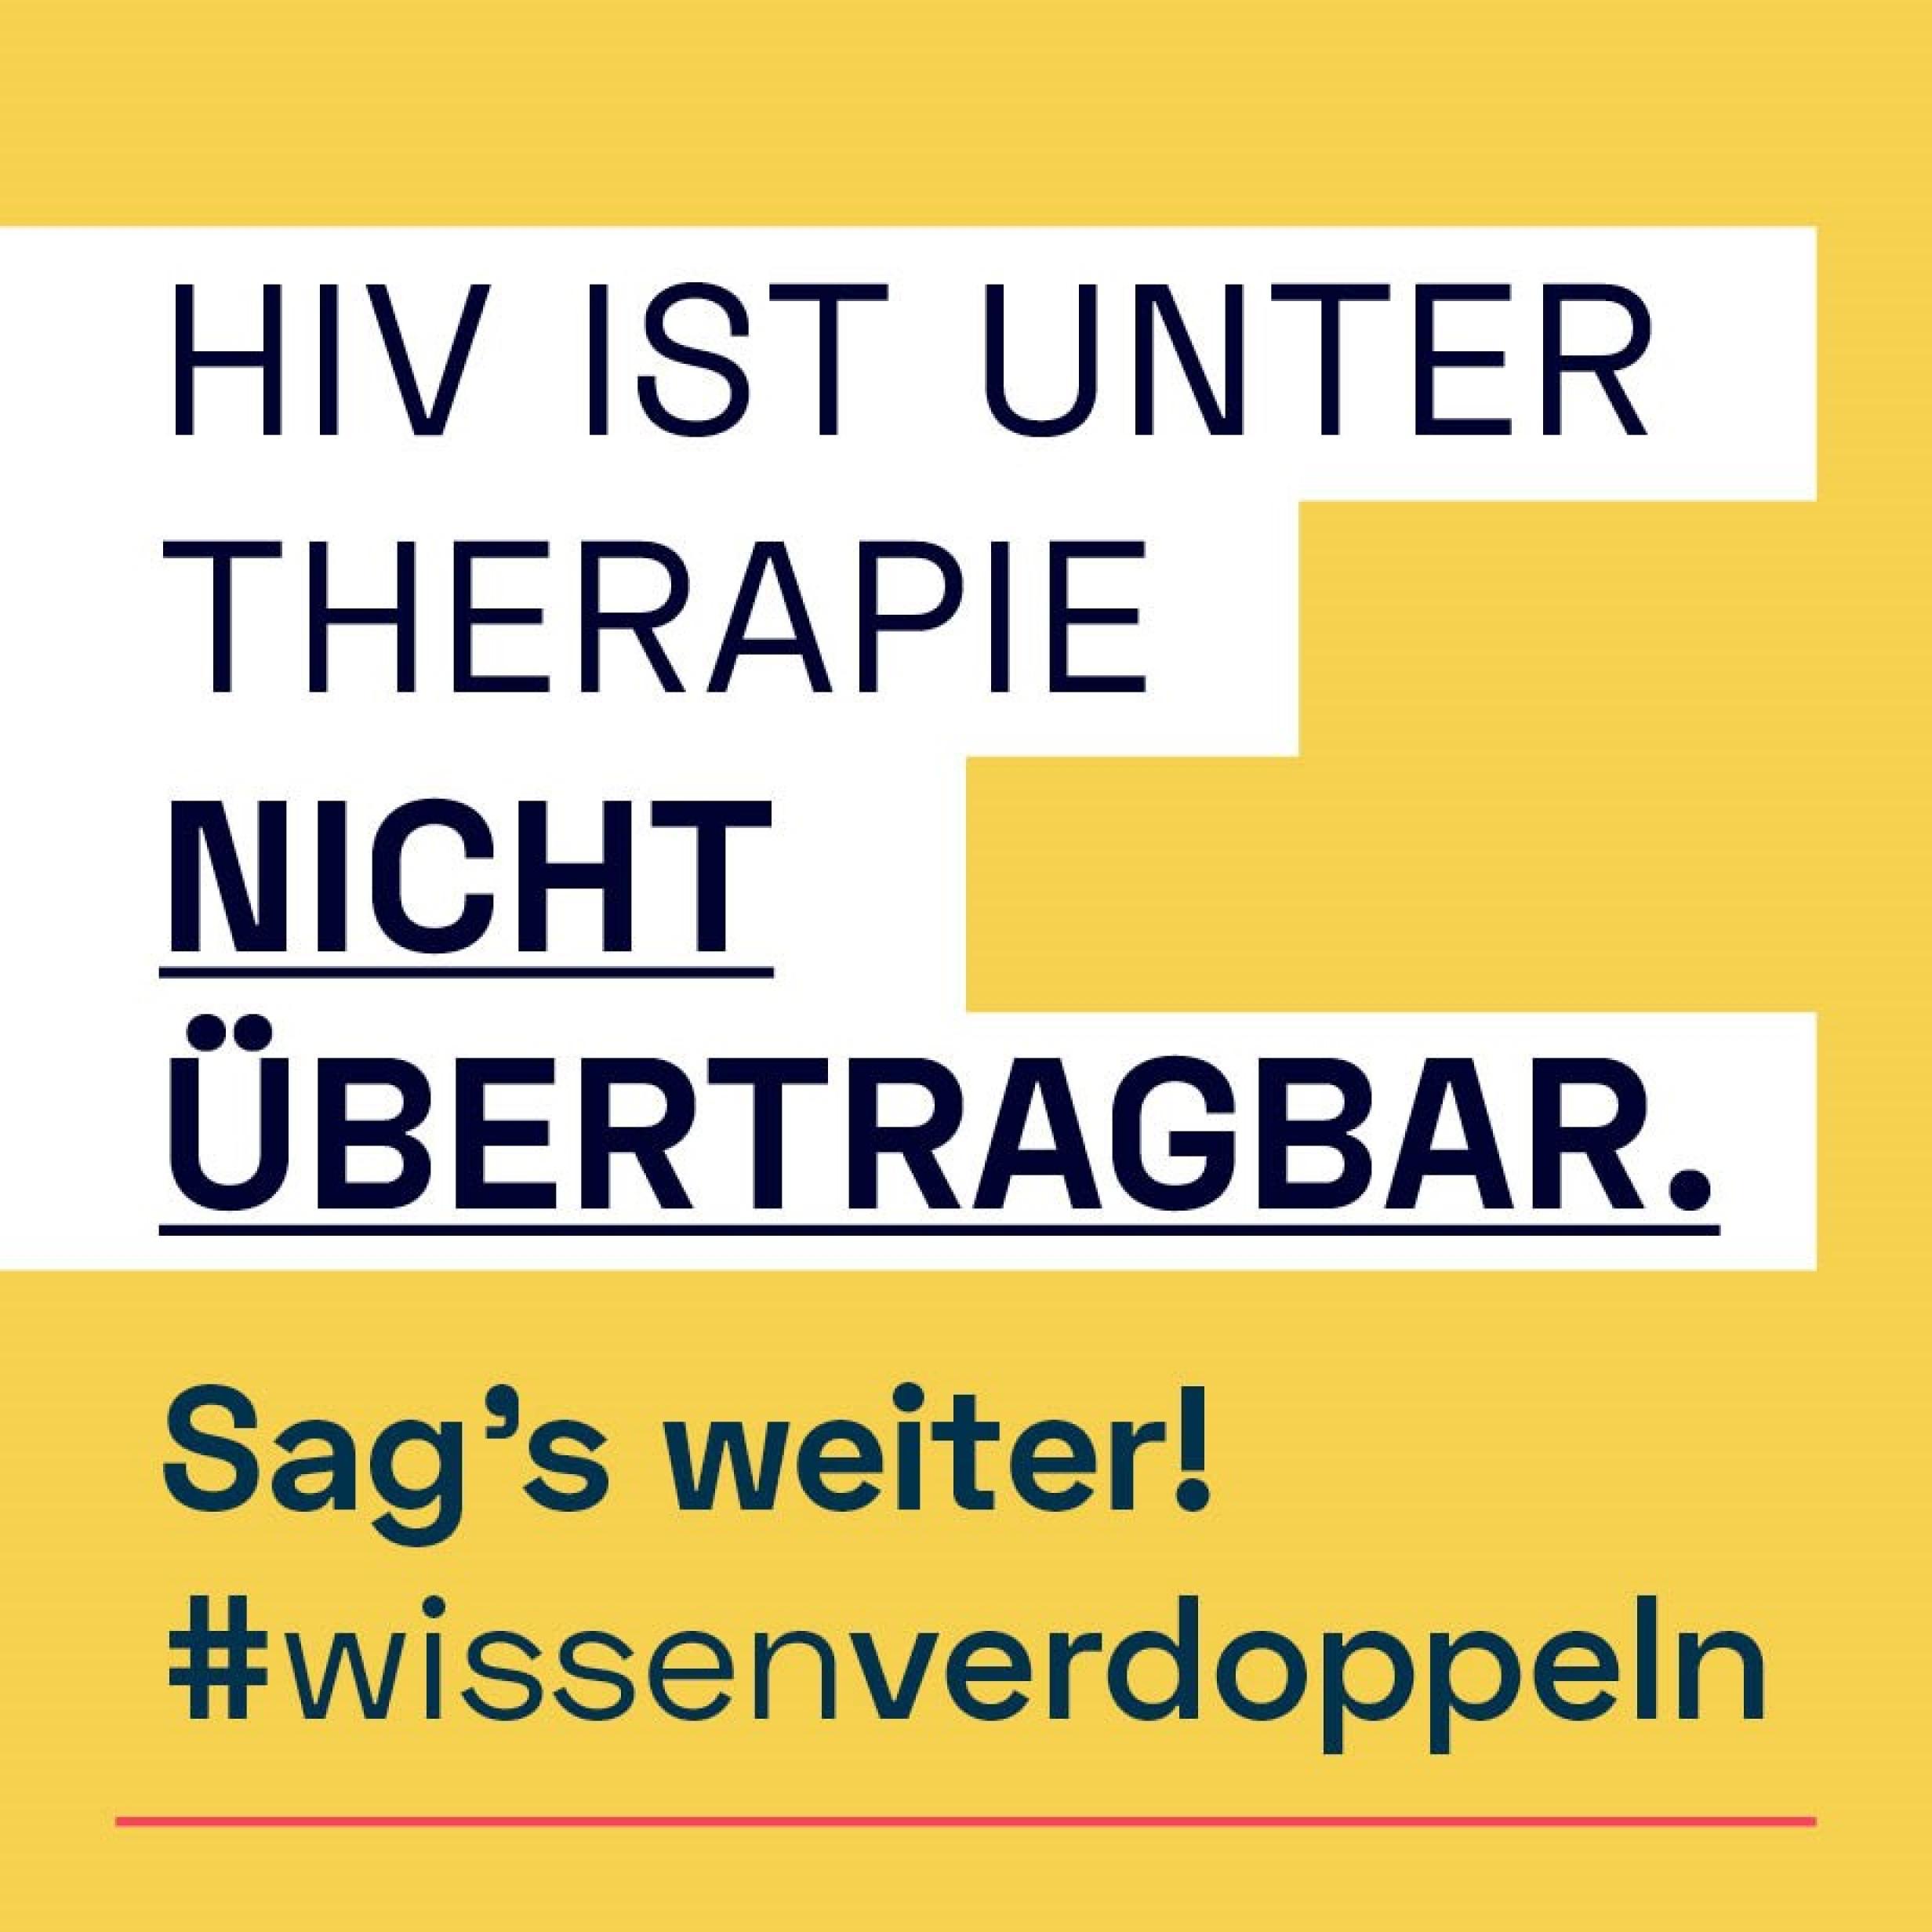 Kampagnenmotto in blauer Schrift auf gelben Untergrund